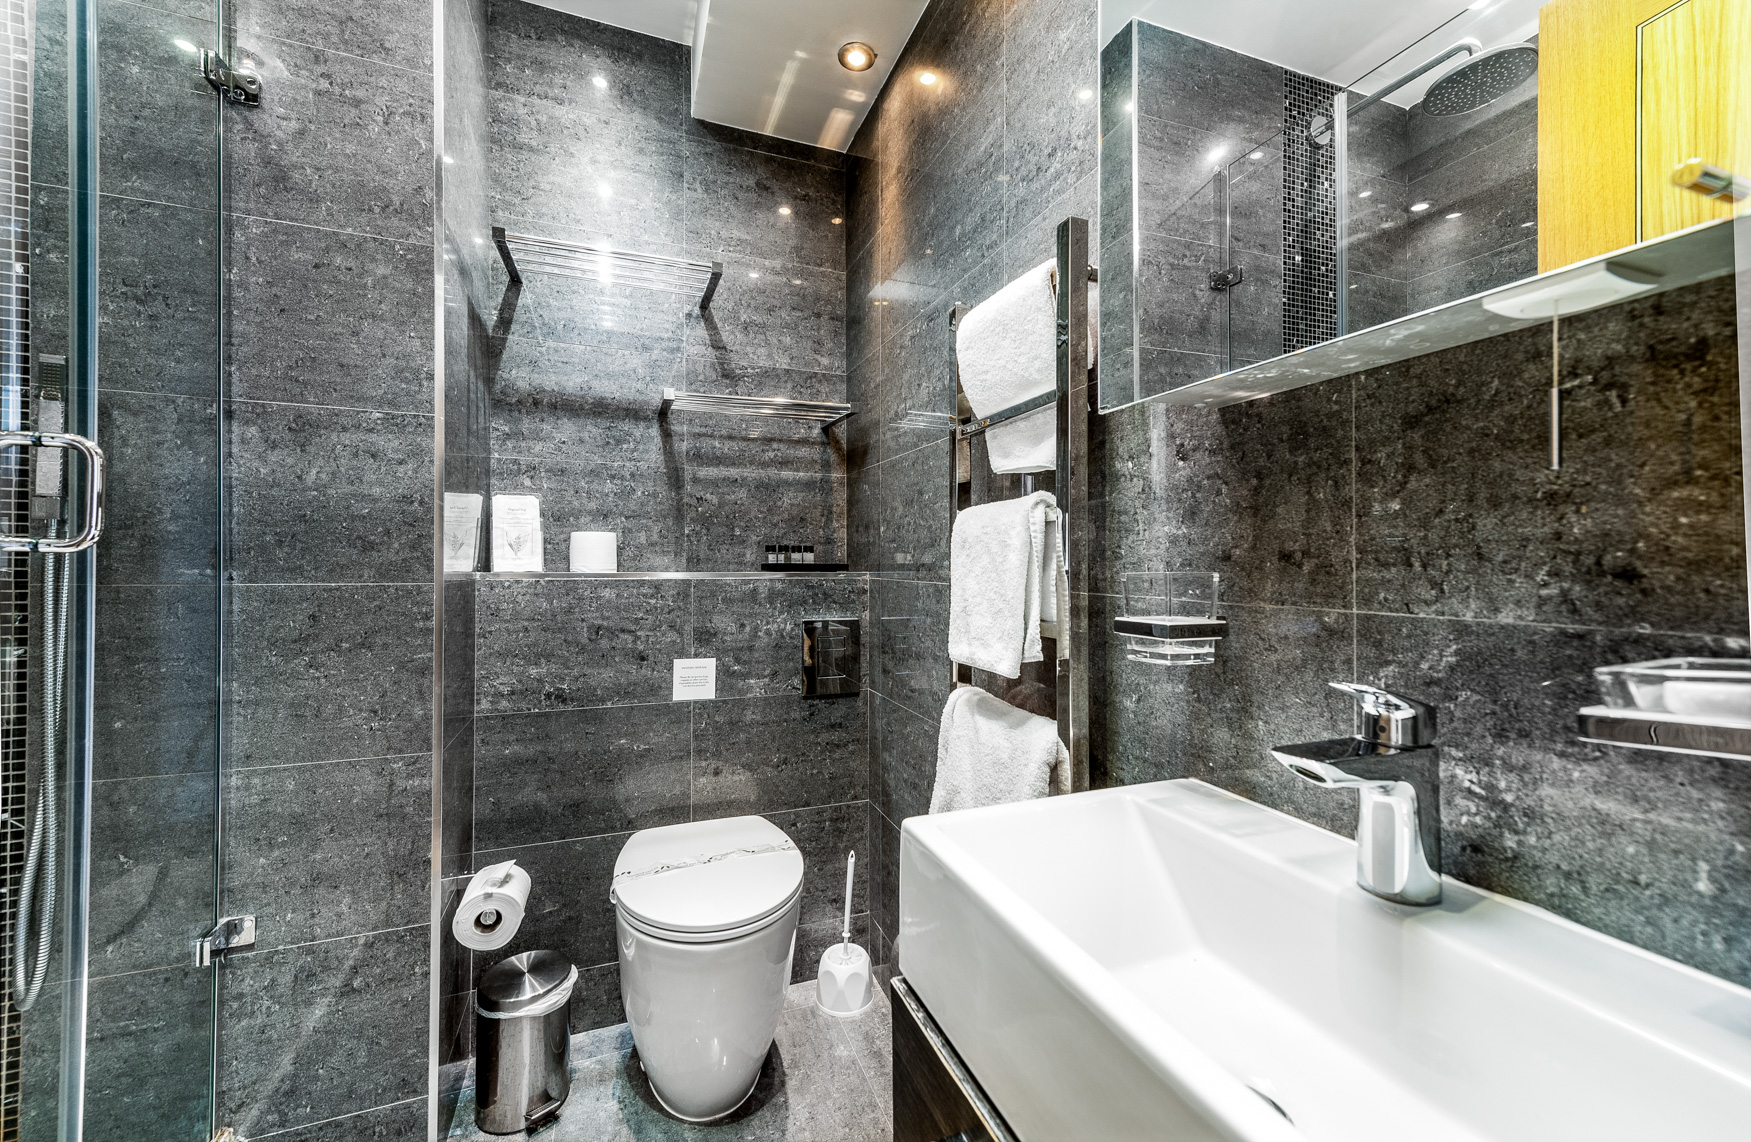 Bathroom at Nell Gwynn House Accommodation, Chelsea, London